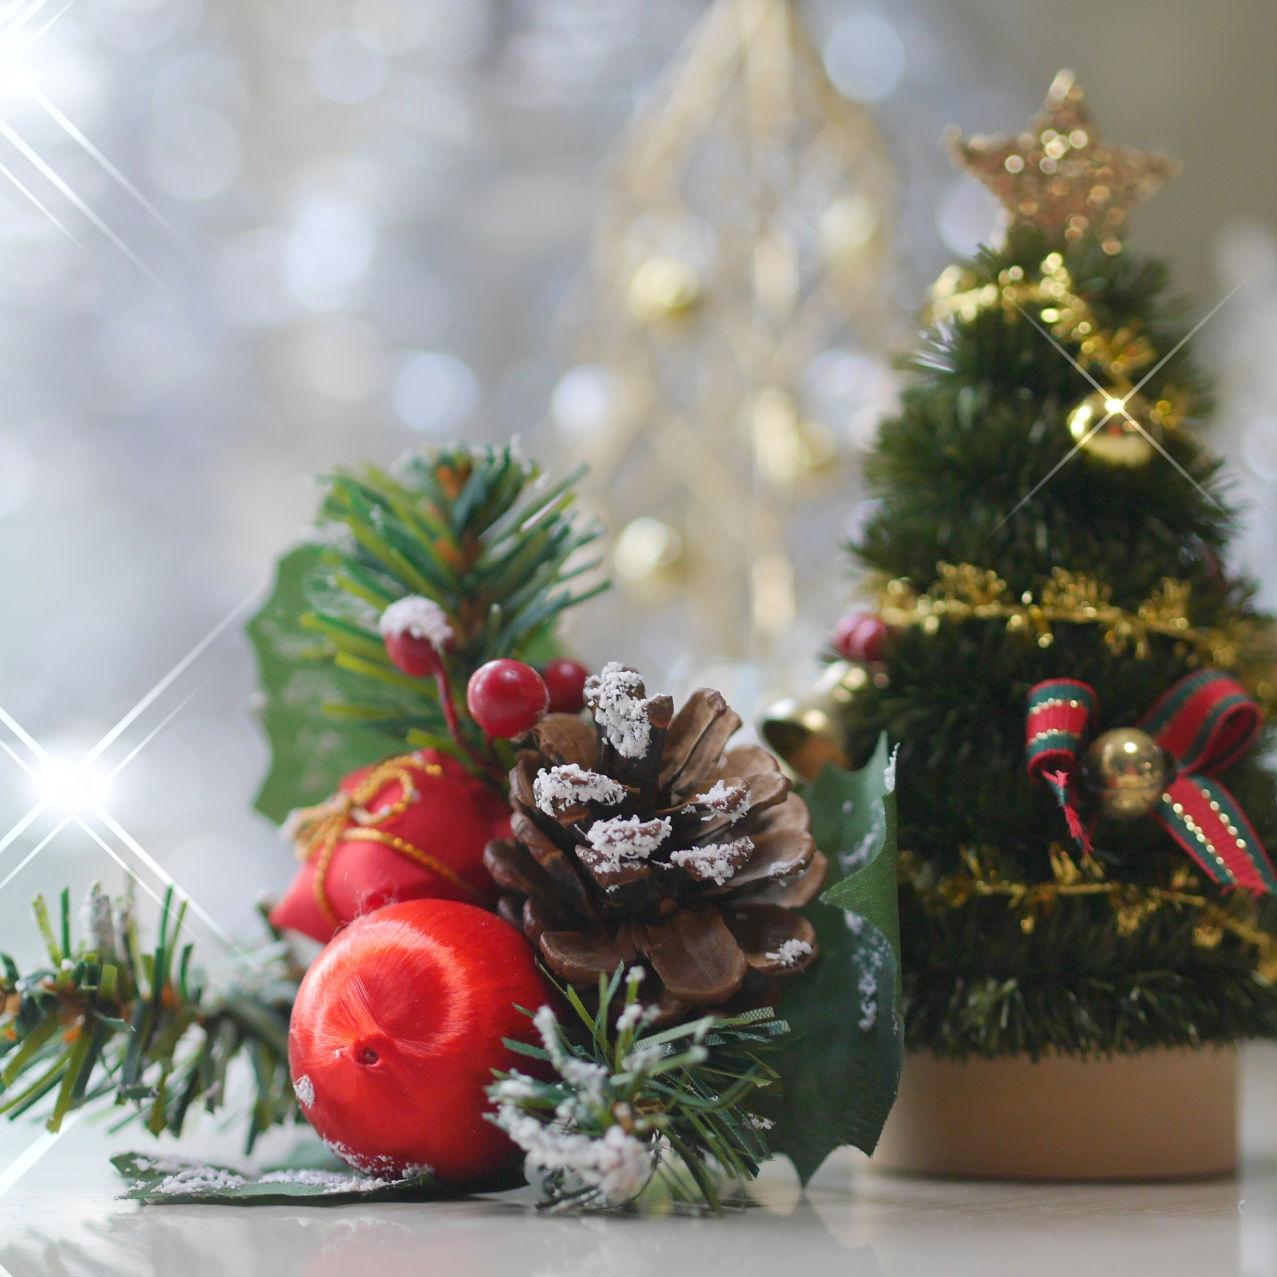 ひとりぼっちのクリスマス、みんなどうしてる? おすすめの過ごし方・スポットを紹介!